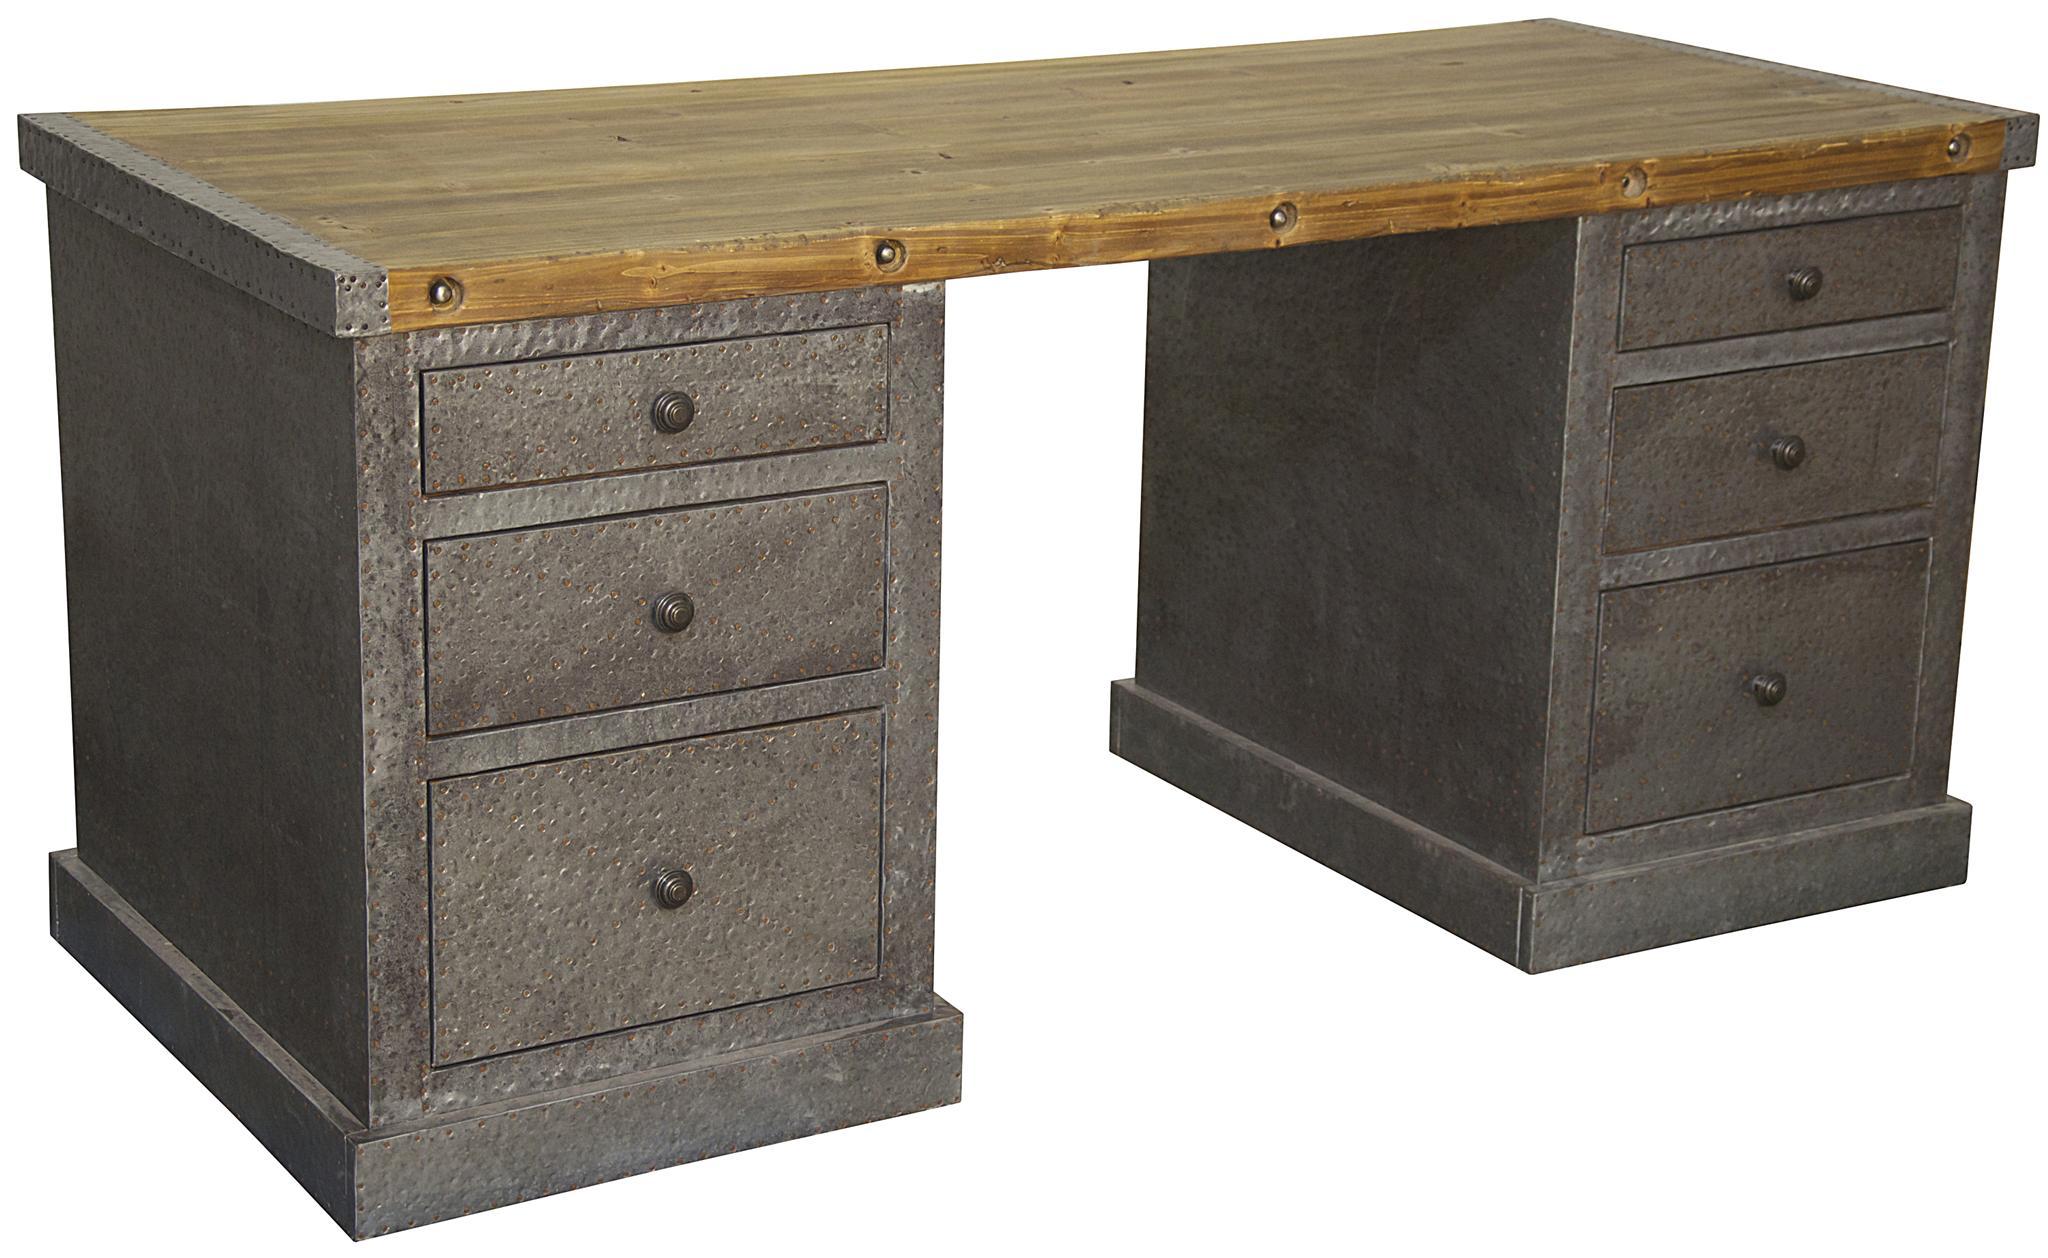 Zinc Finish Furniture